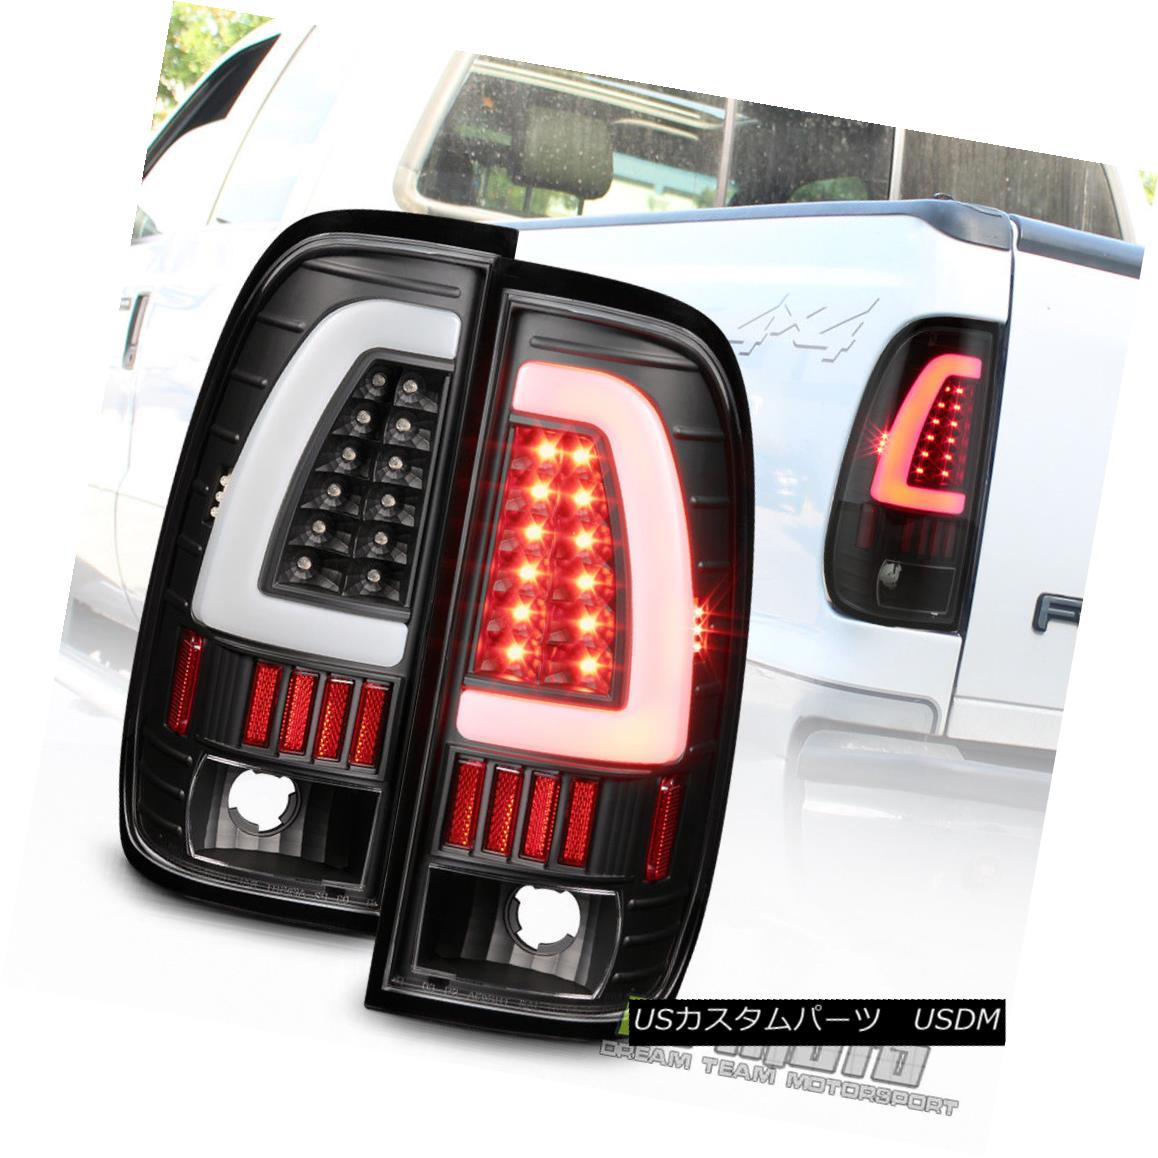 テールライト [Update Design] テールライト Black Brake 1997-2003 Design] Ford F150 LED Light Bar Tail Lights Brake Lamps [更新デザイン]黒1997-2003フォードF150 LEDライトバーテールライトブレーキランプ, カントリーショップ ジュリアン:e102a832 --- officewill.xsrv.jp